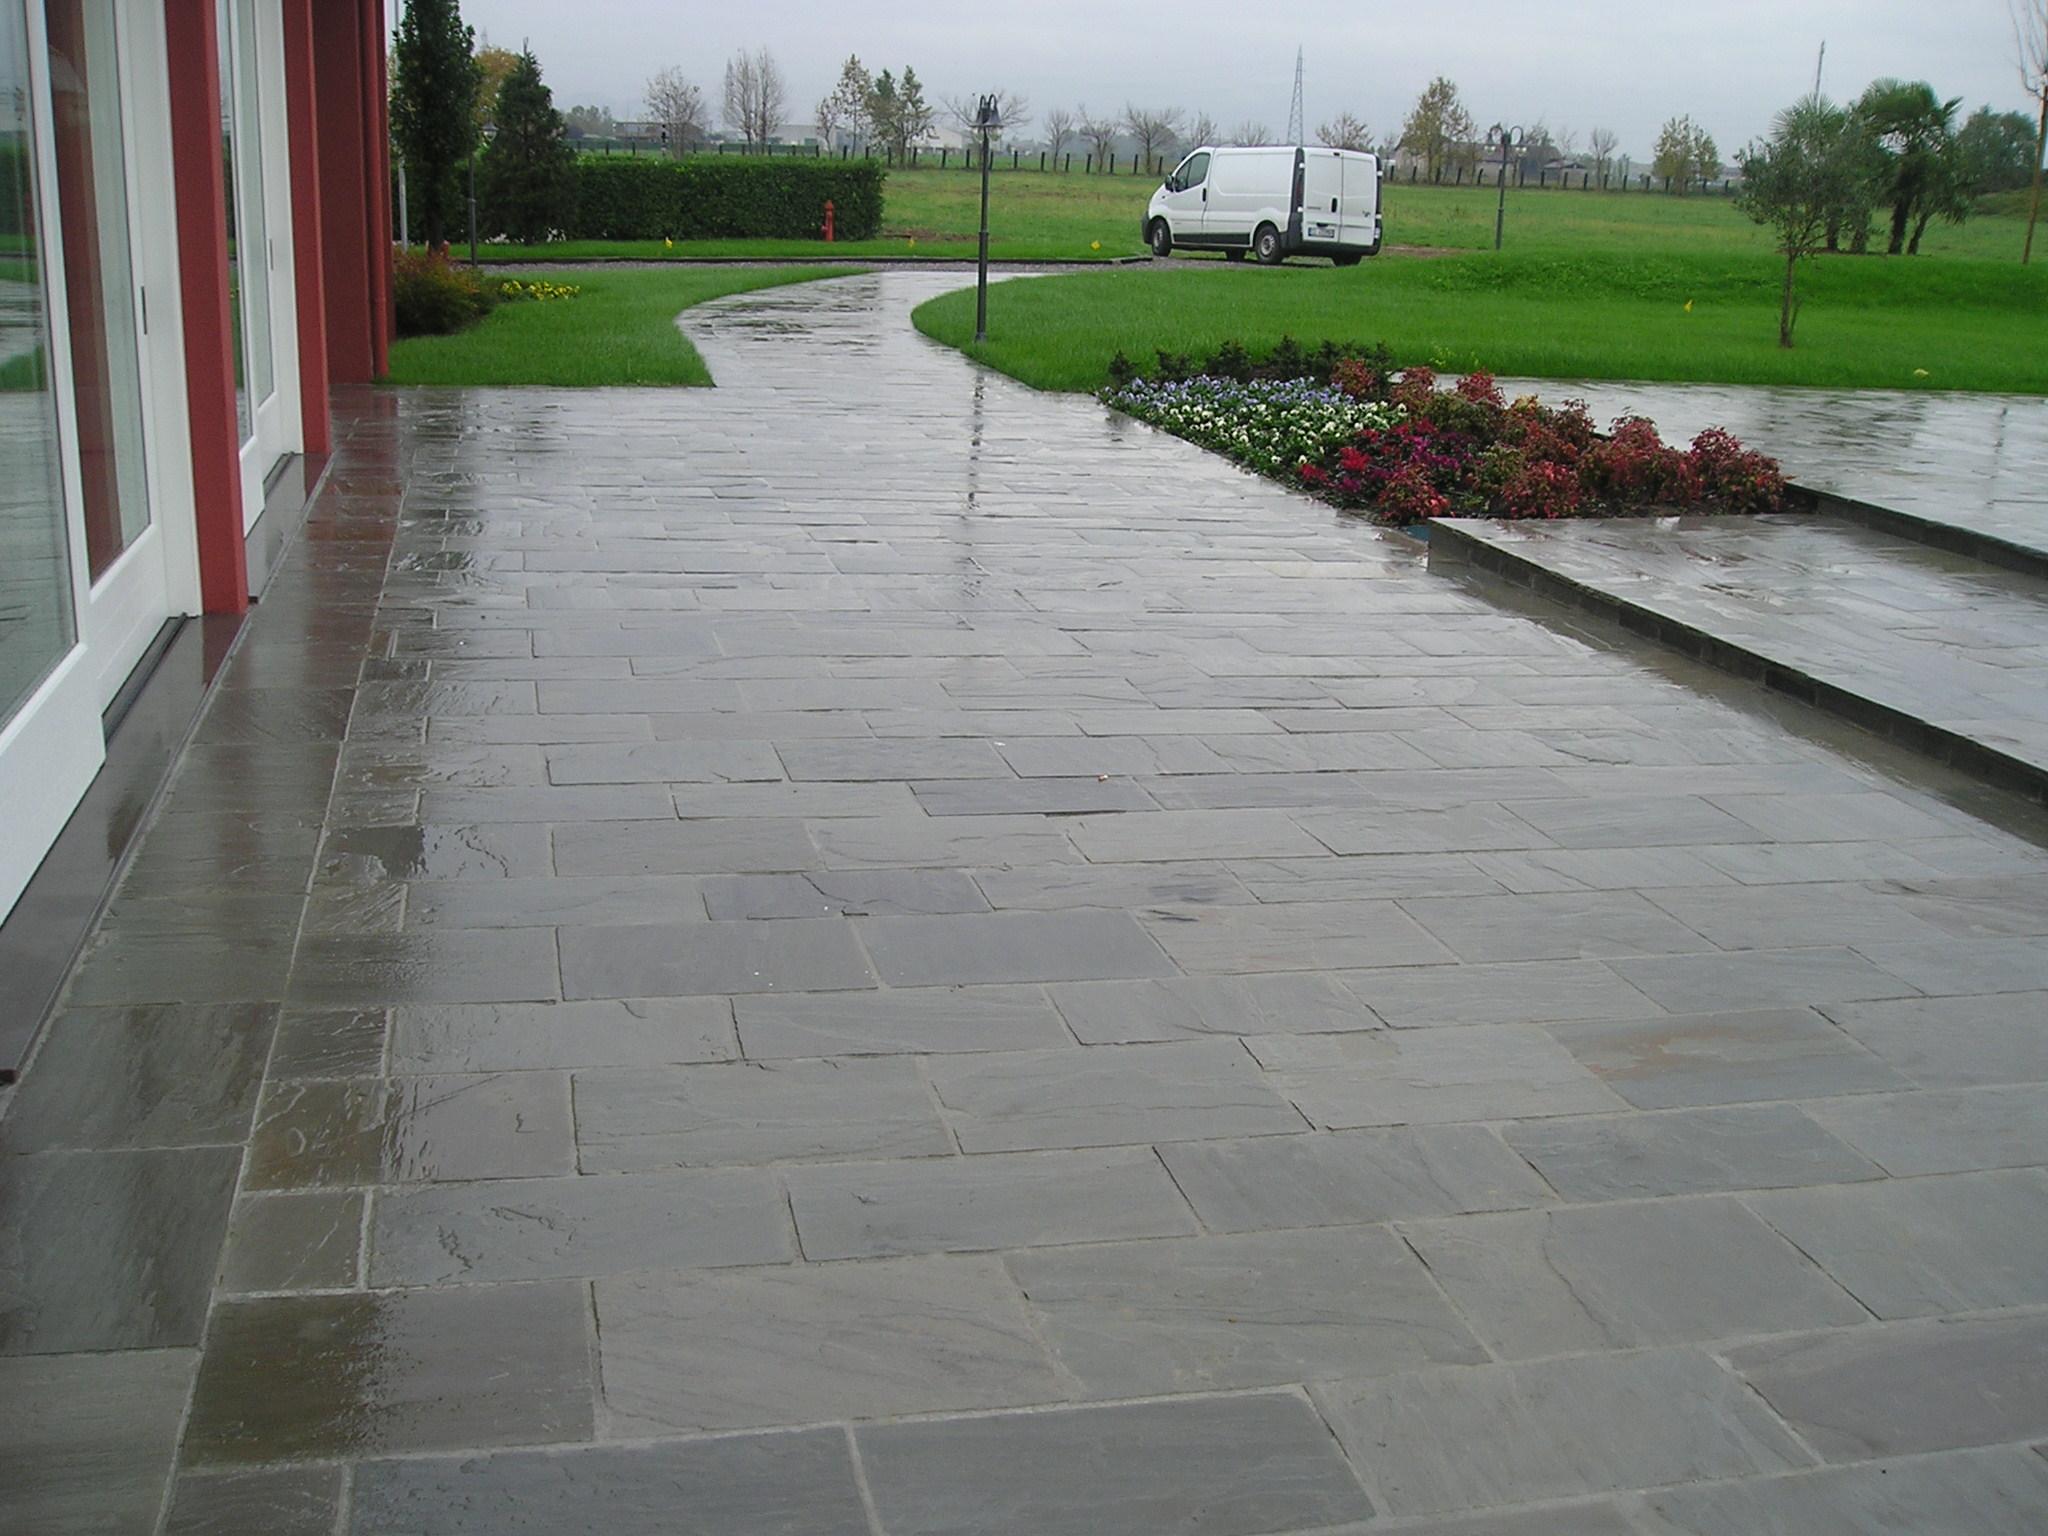 Casa moderna roma italy pavimenti per esterno in pietra for Opzioni materiale esterno casa